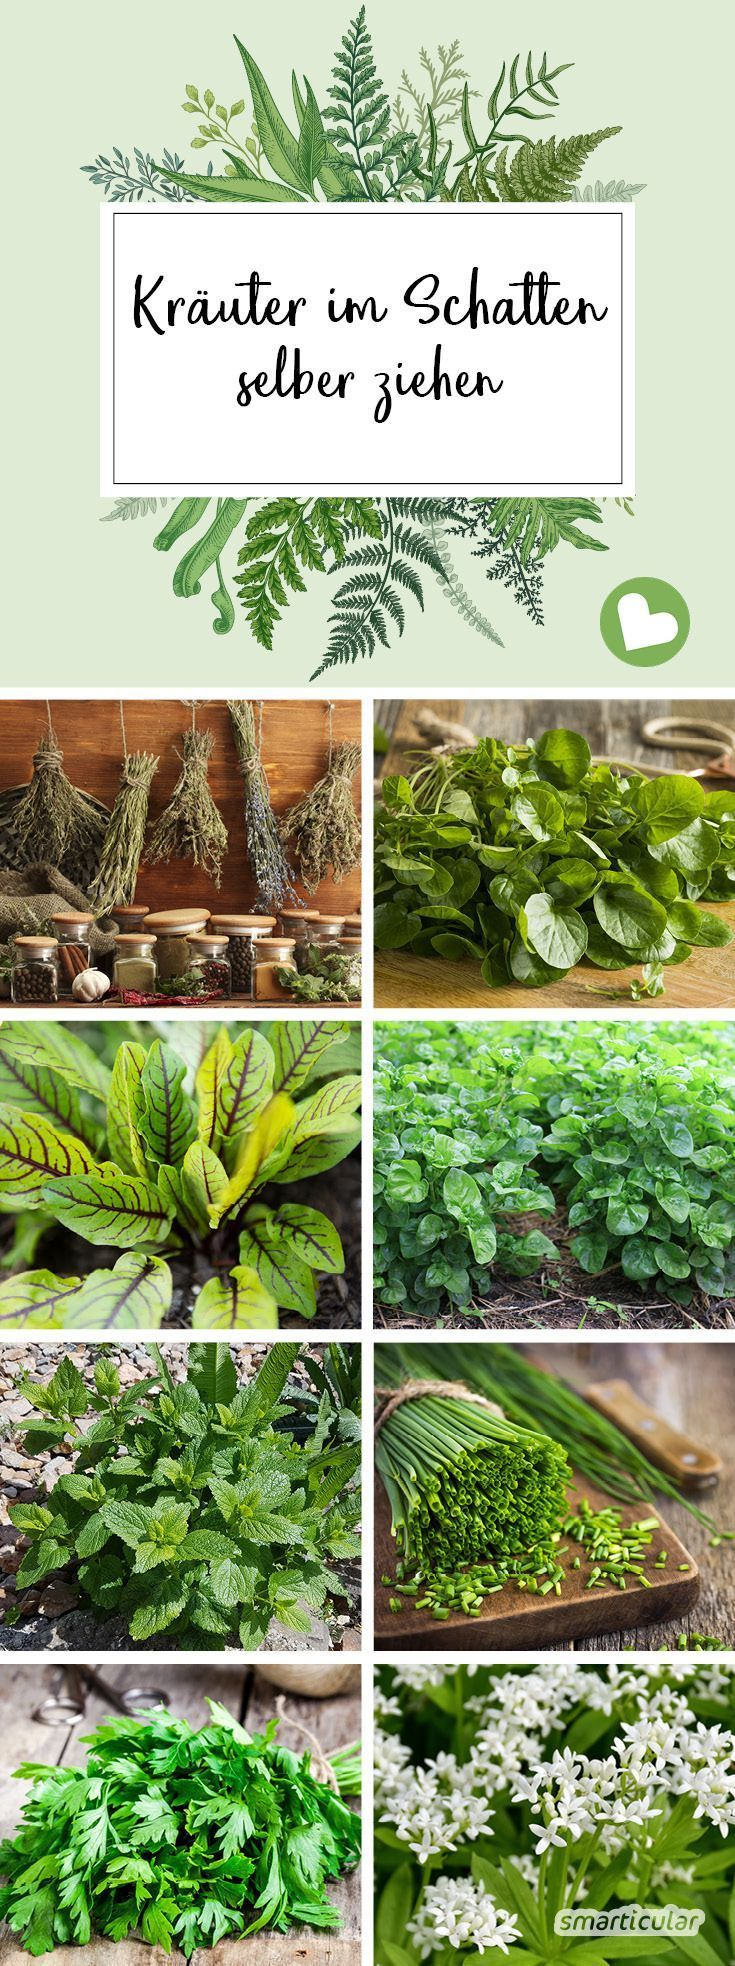 Kräuter für Garten und Balkon: Diese Kräuter wachsen im Schatten